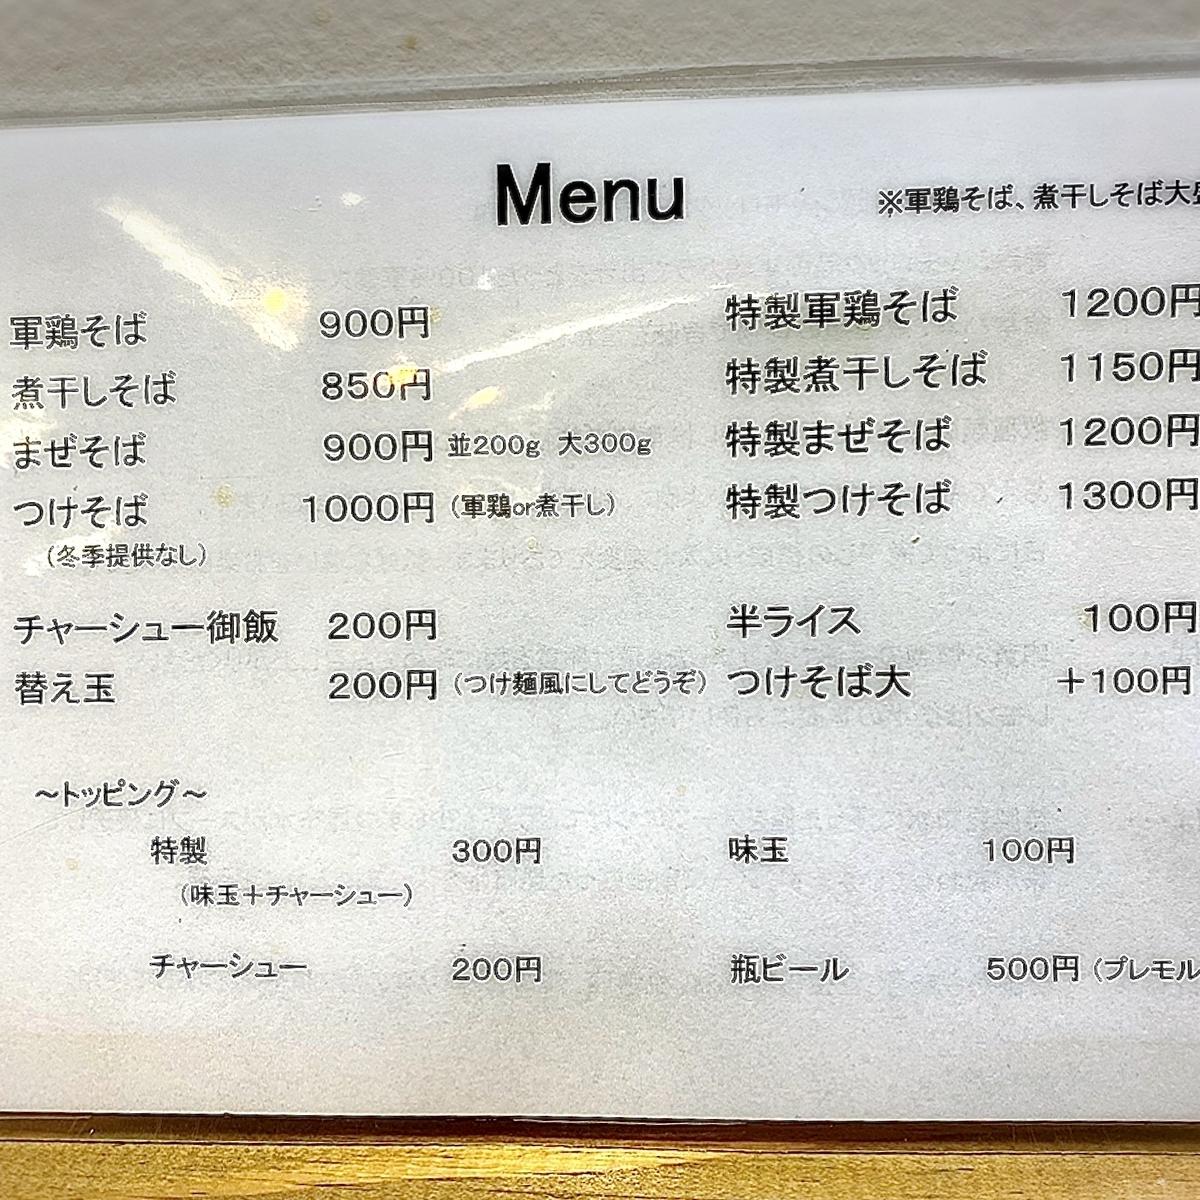 「麺尊RAGE」のメニューと値段1